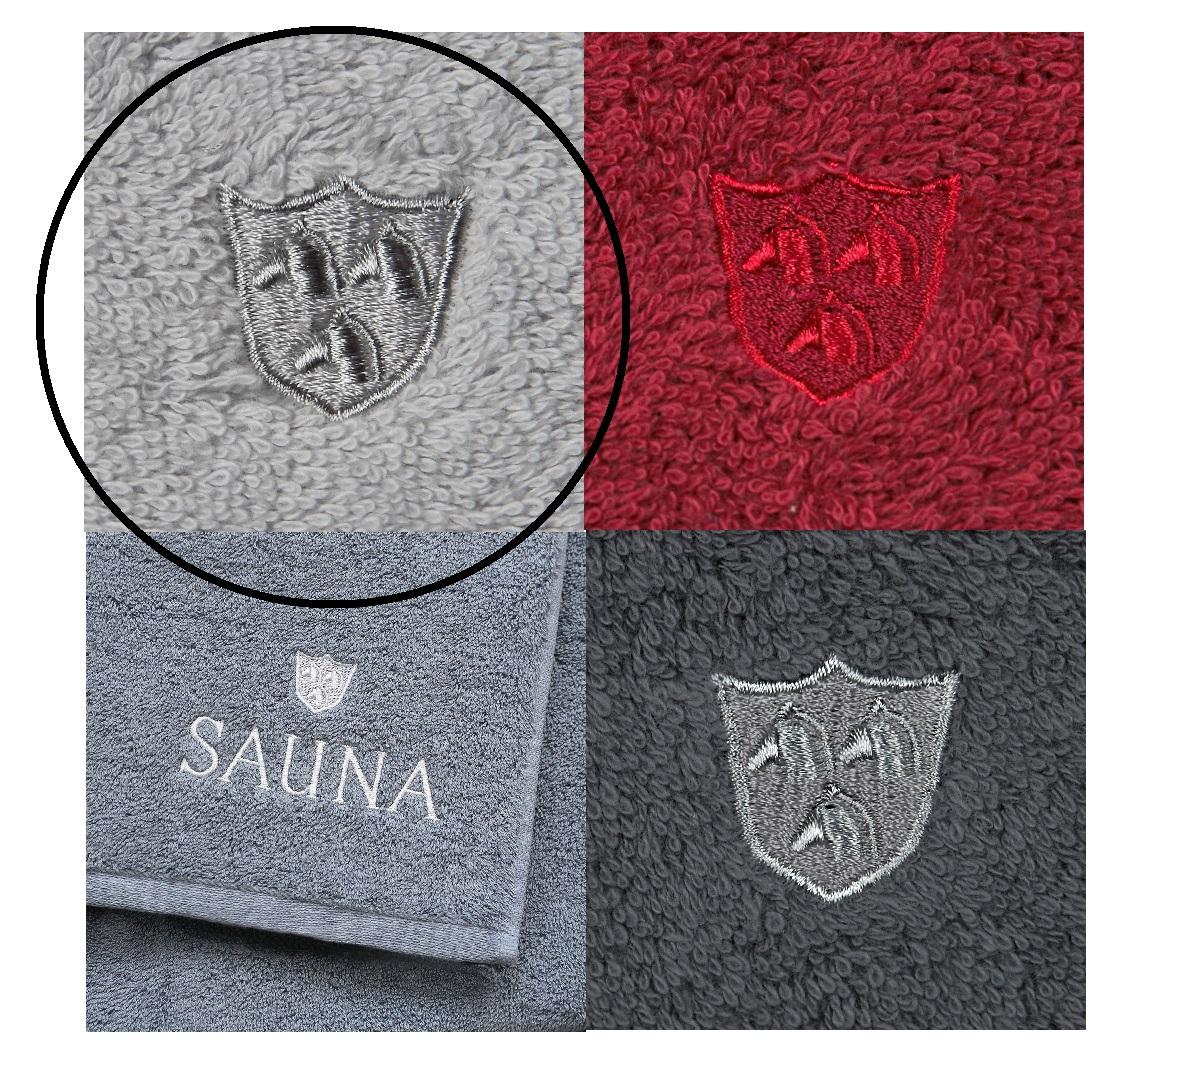 ROSS Saunatuch Wellnesstuch weiche Qualität mit Stickerei und Logo 80 silber